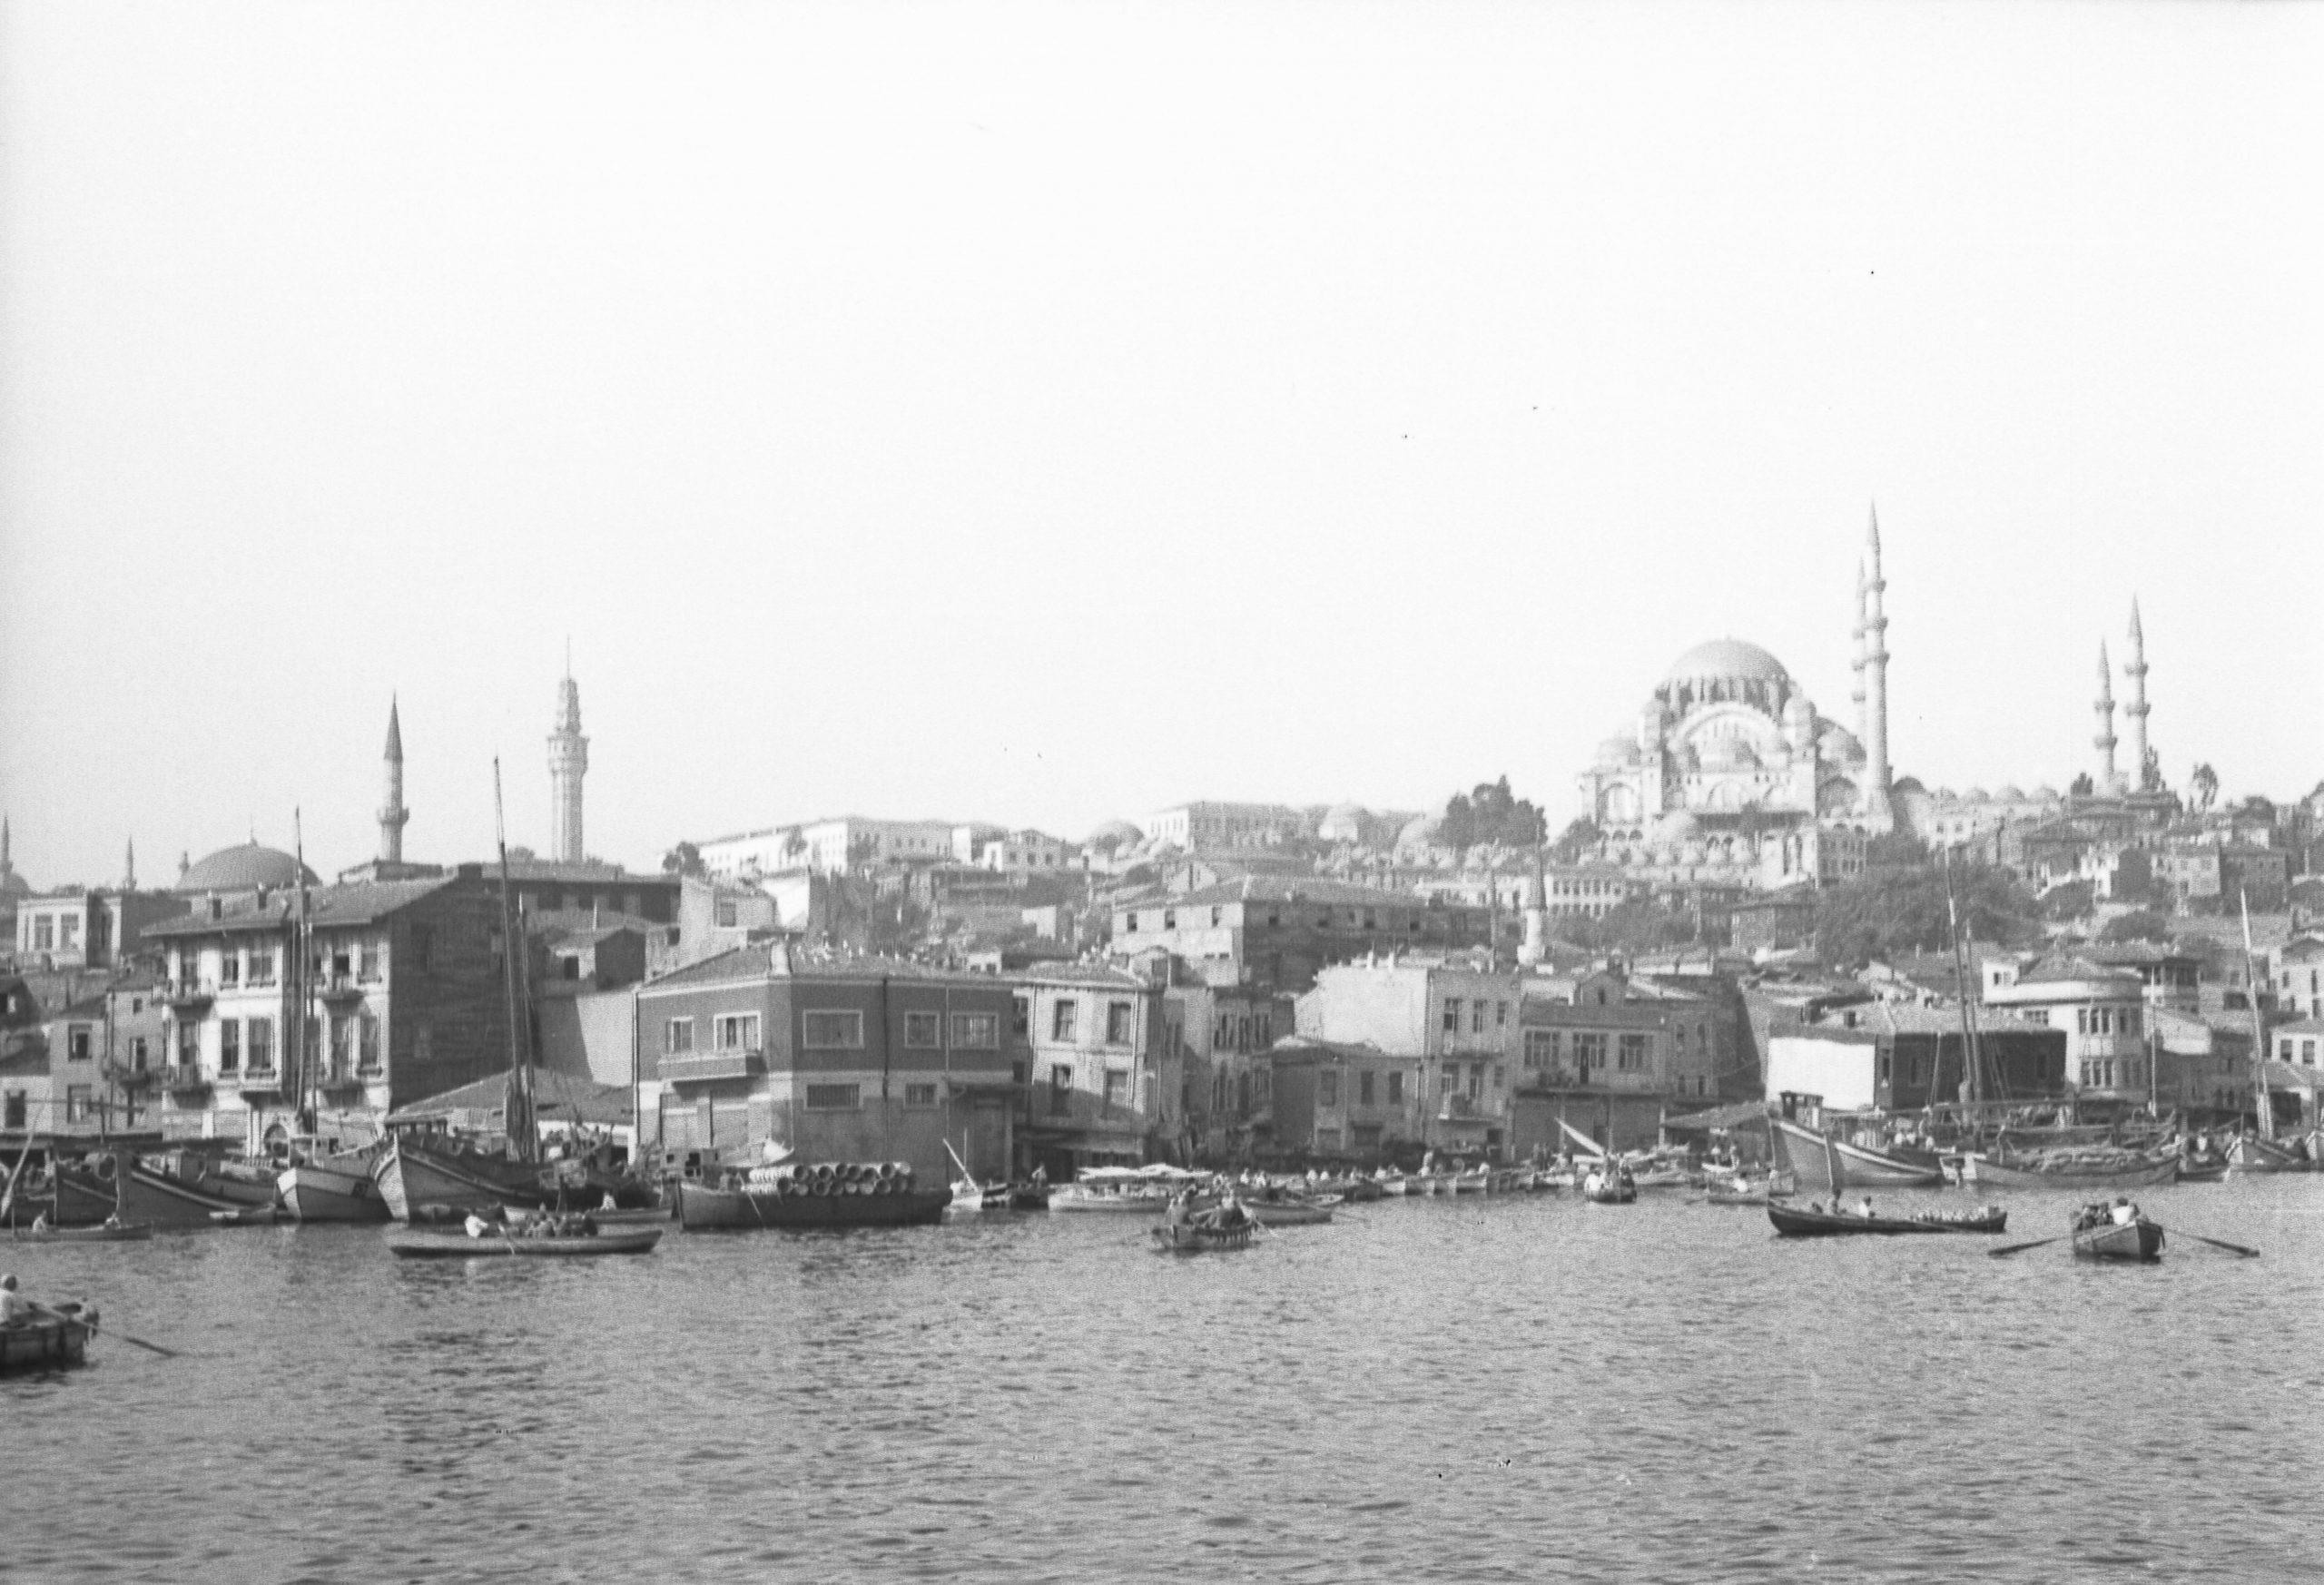 A. Eckstein, Süleymaniye Camii, Tahtakale ve Haliç Güney Kıyıları, 1945